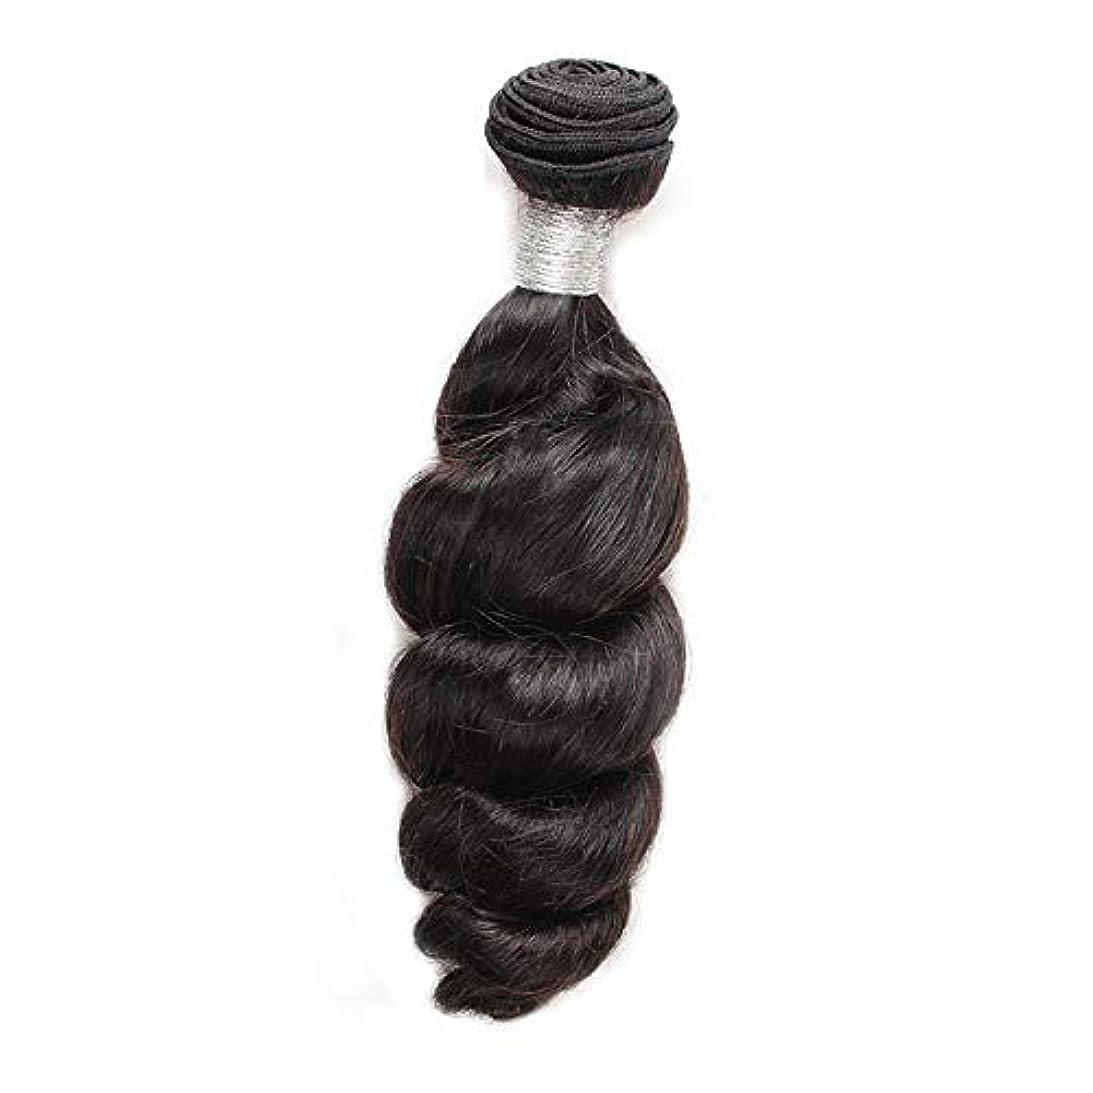 誓うフレキシブルクルーHOHYLLYA 女性の人間の髪の毛ブラジルのバージンルースウェーブの束横糸ナチュラルブラック100g /個1枚入り(12インチ-26インチ)合成髪レースかつらロールプレイングかつらストレートシリンダーショートスタイル女性自然 (色 : ブラック, サイズ : 14 inch)